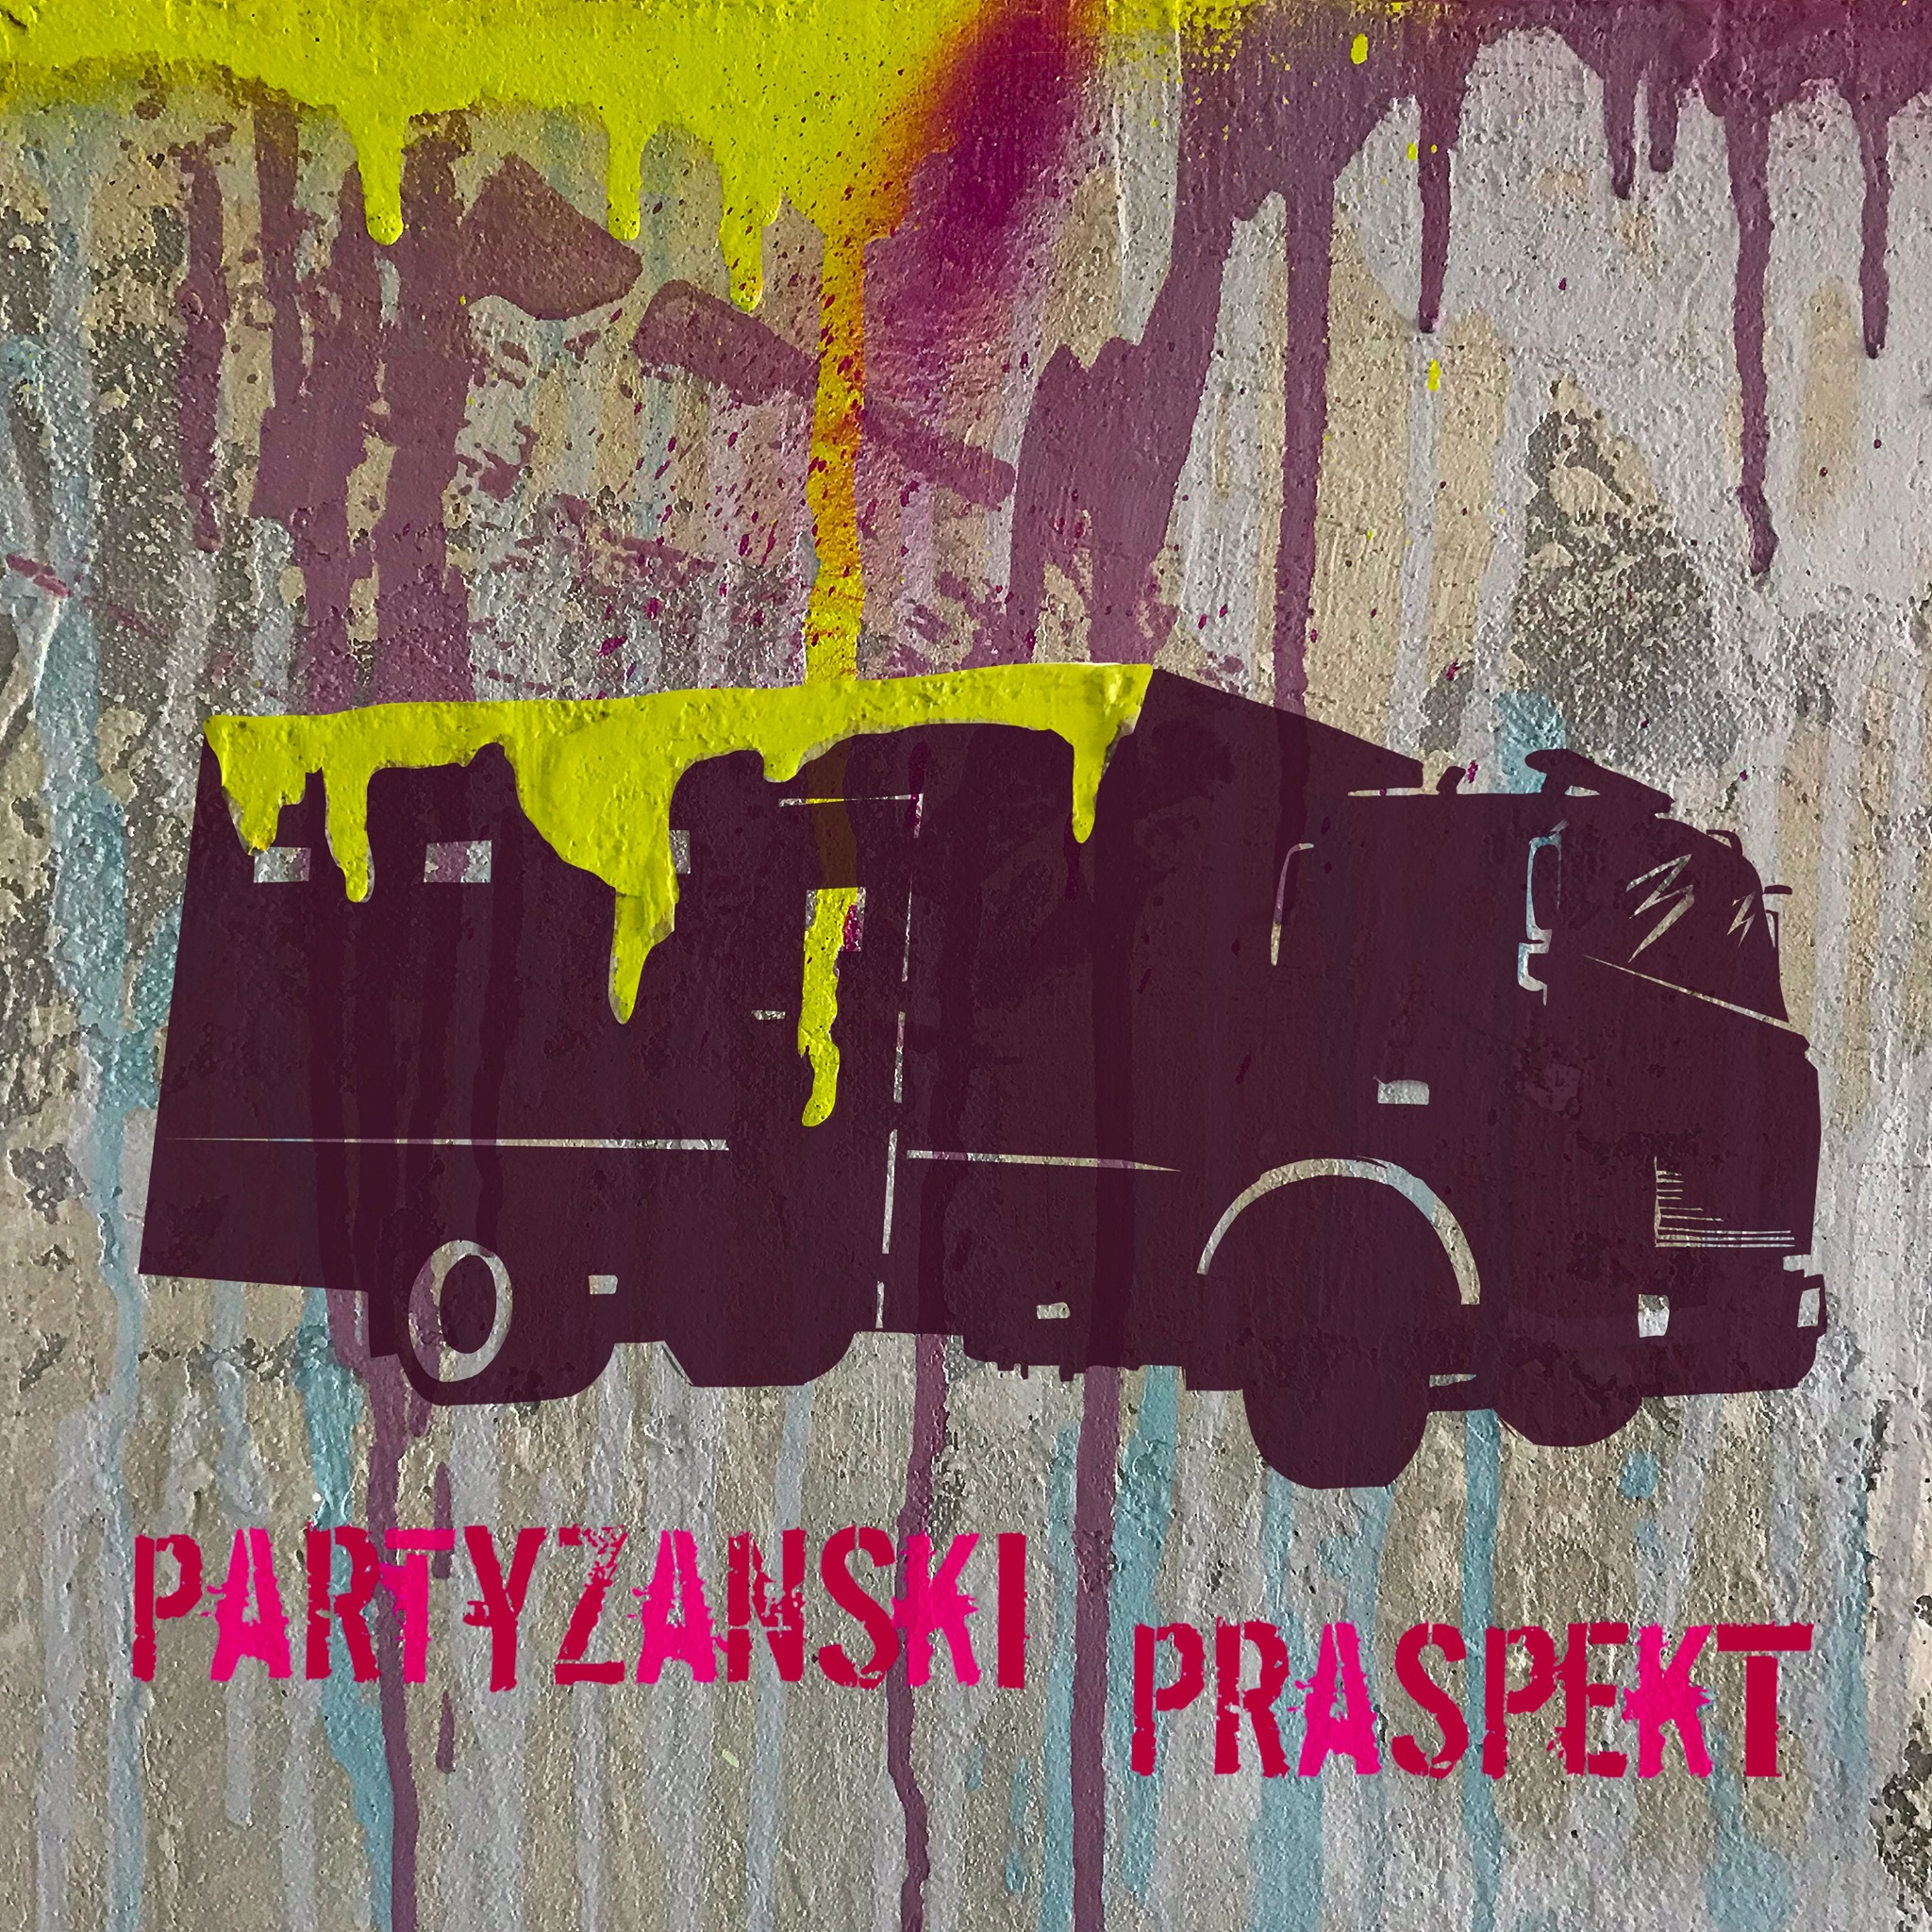 partyzanski praspekt-logo